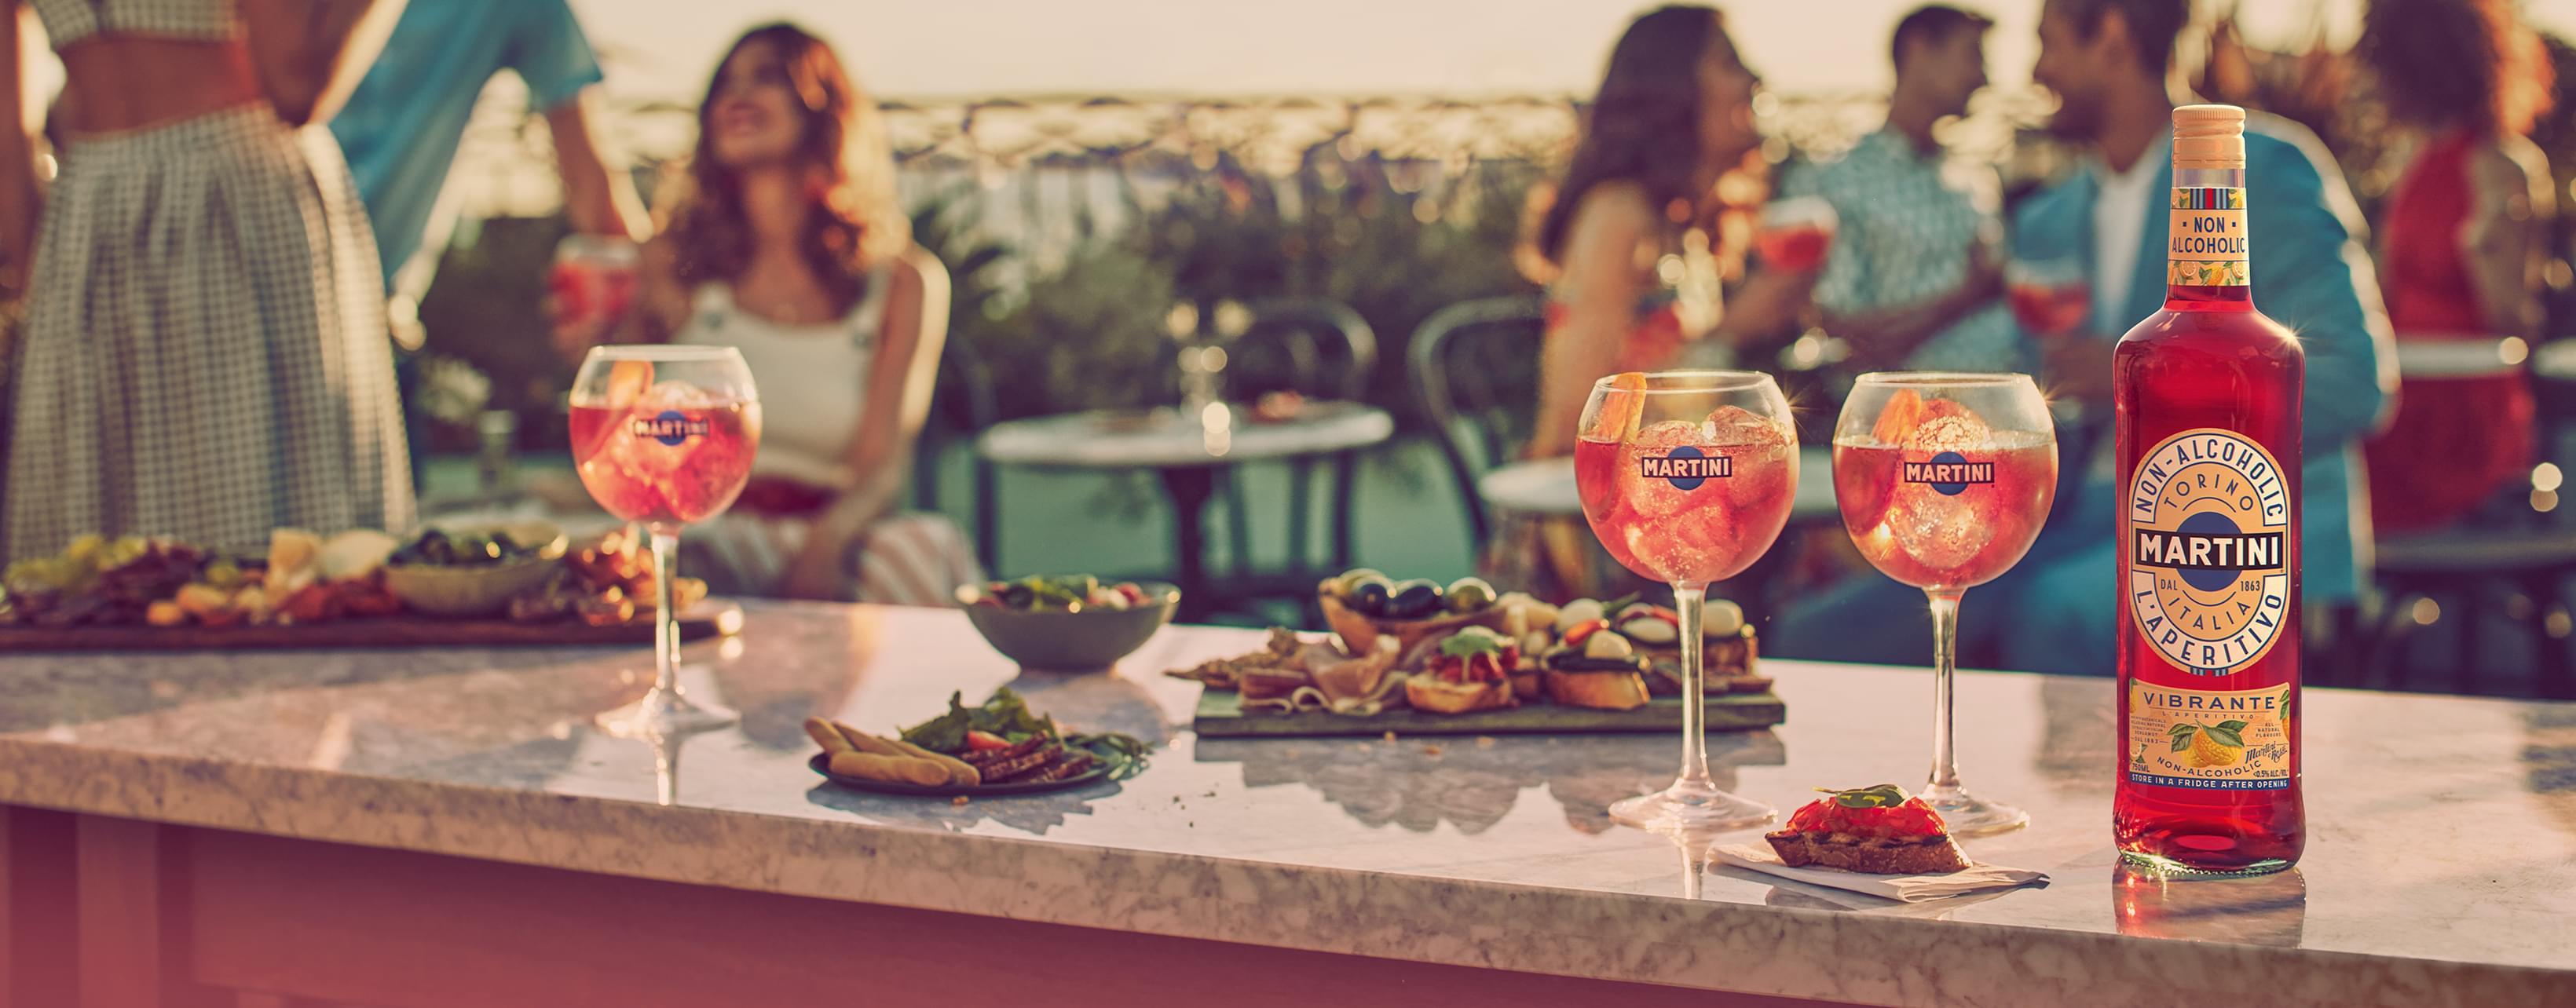 MARTINI NON-ALCOHOLIC VIBRANTE & TONIC